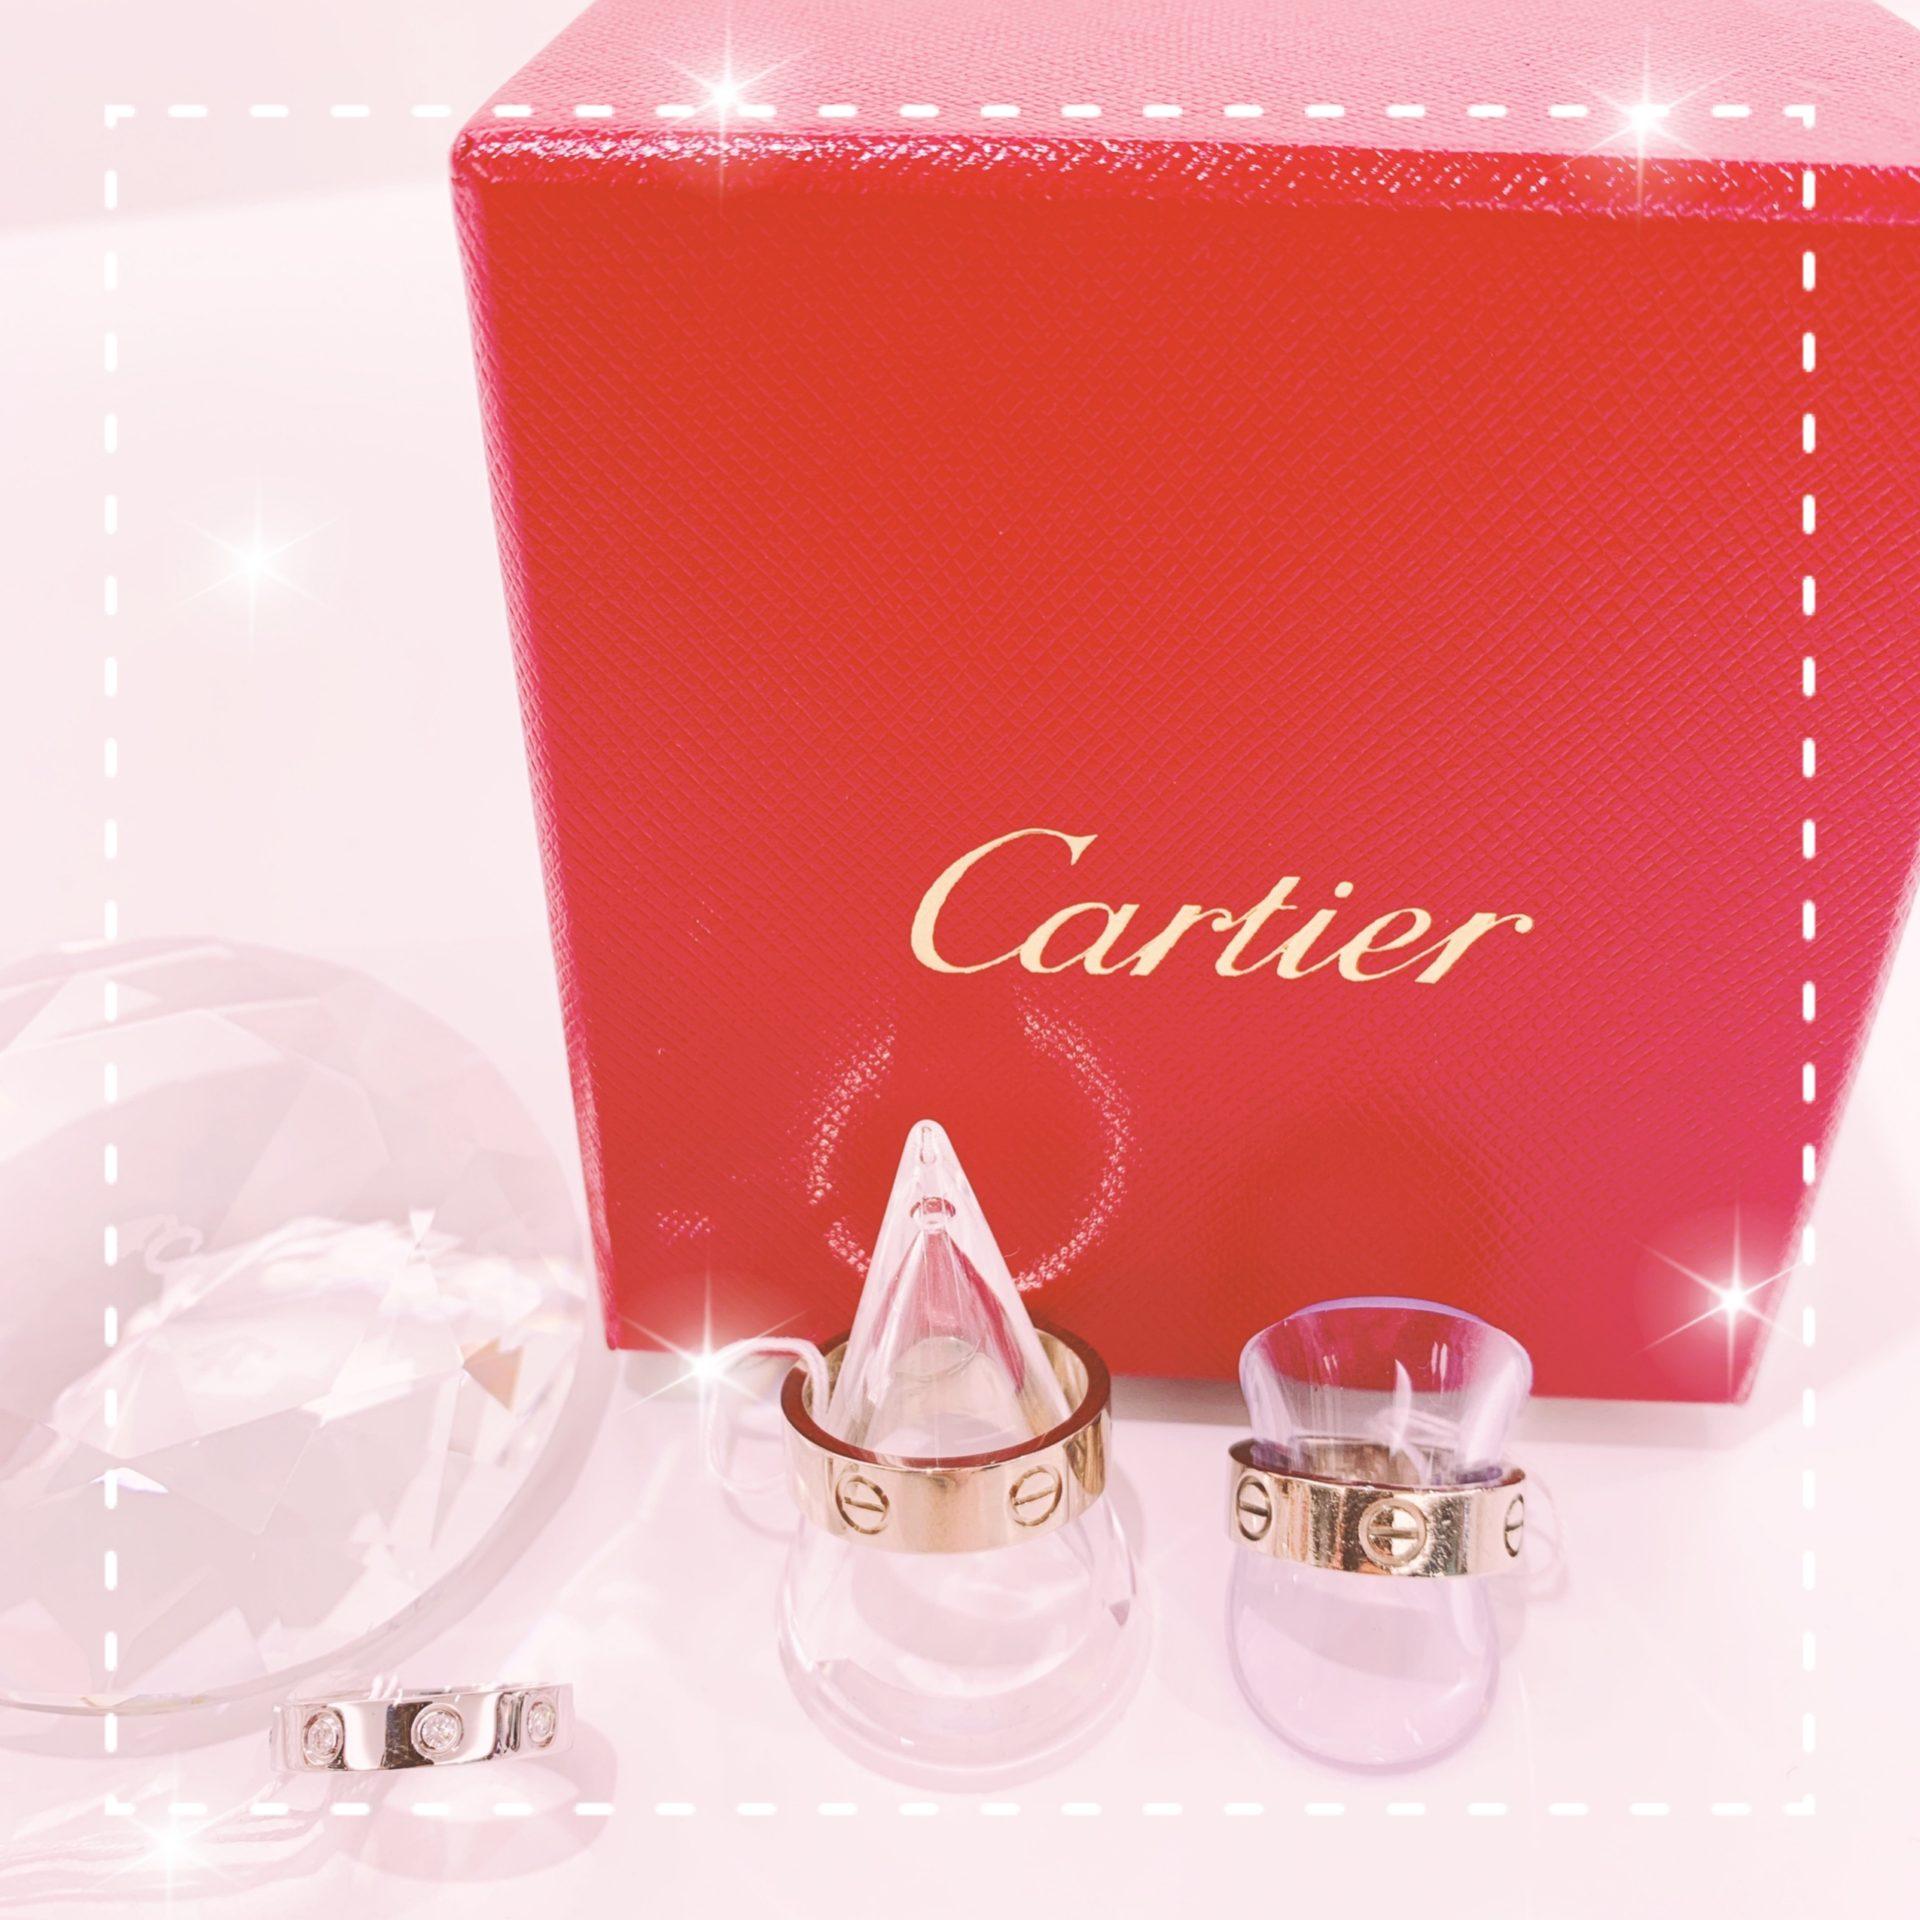 【中古 販売 盛岡】憧れのブランド【CARTIER】のリング